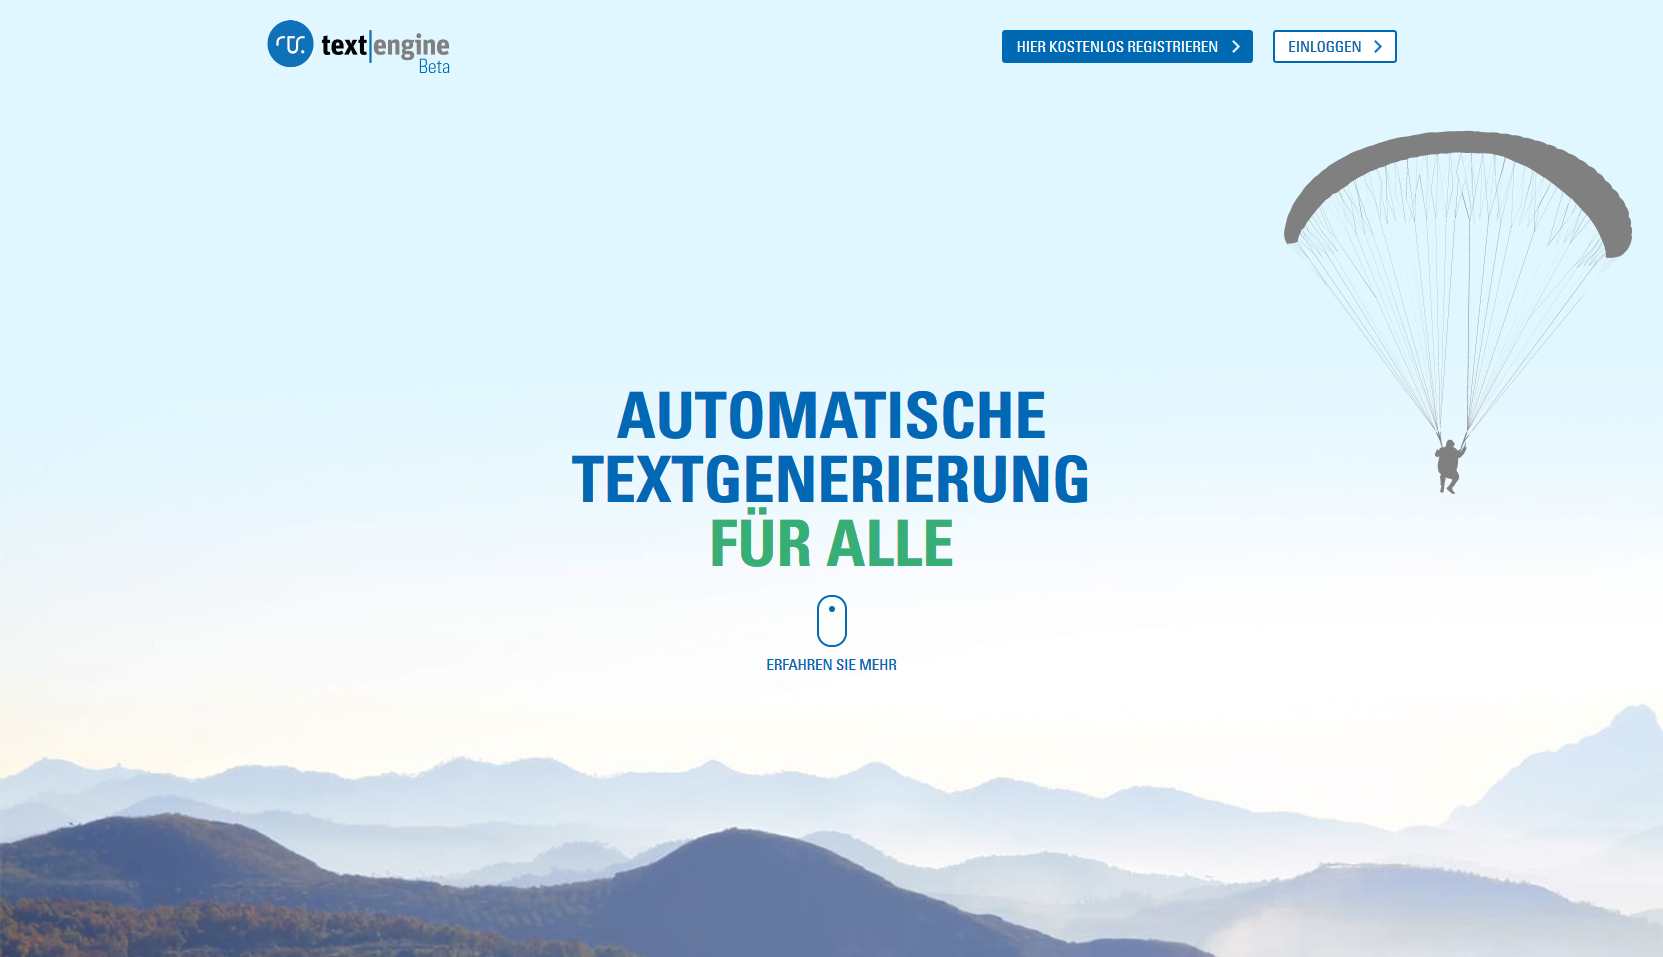 Retresco - Text engine